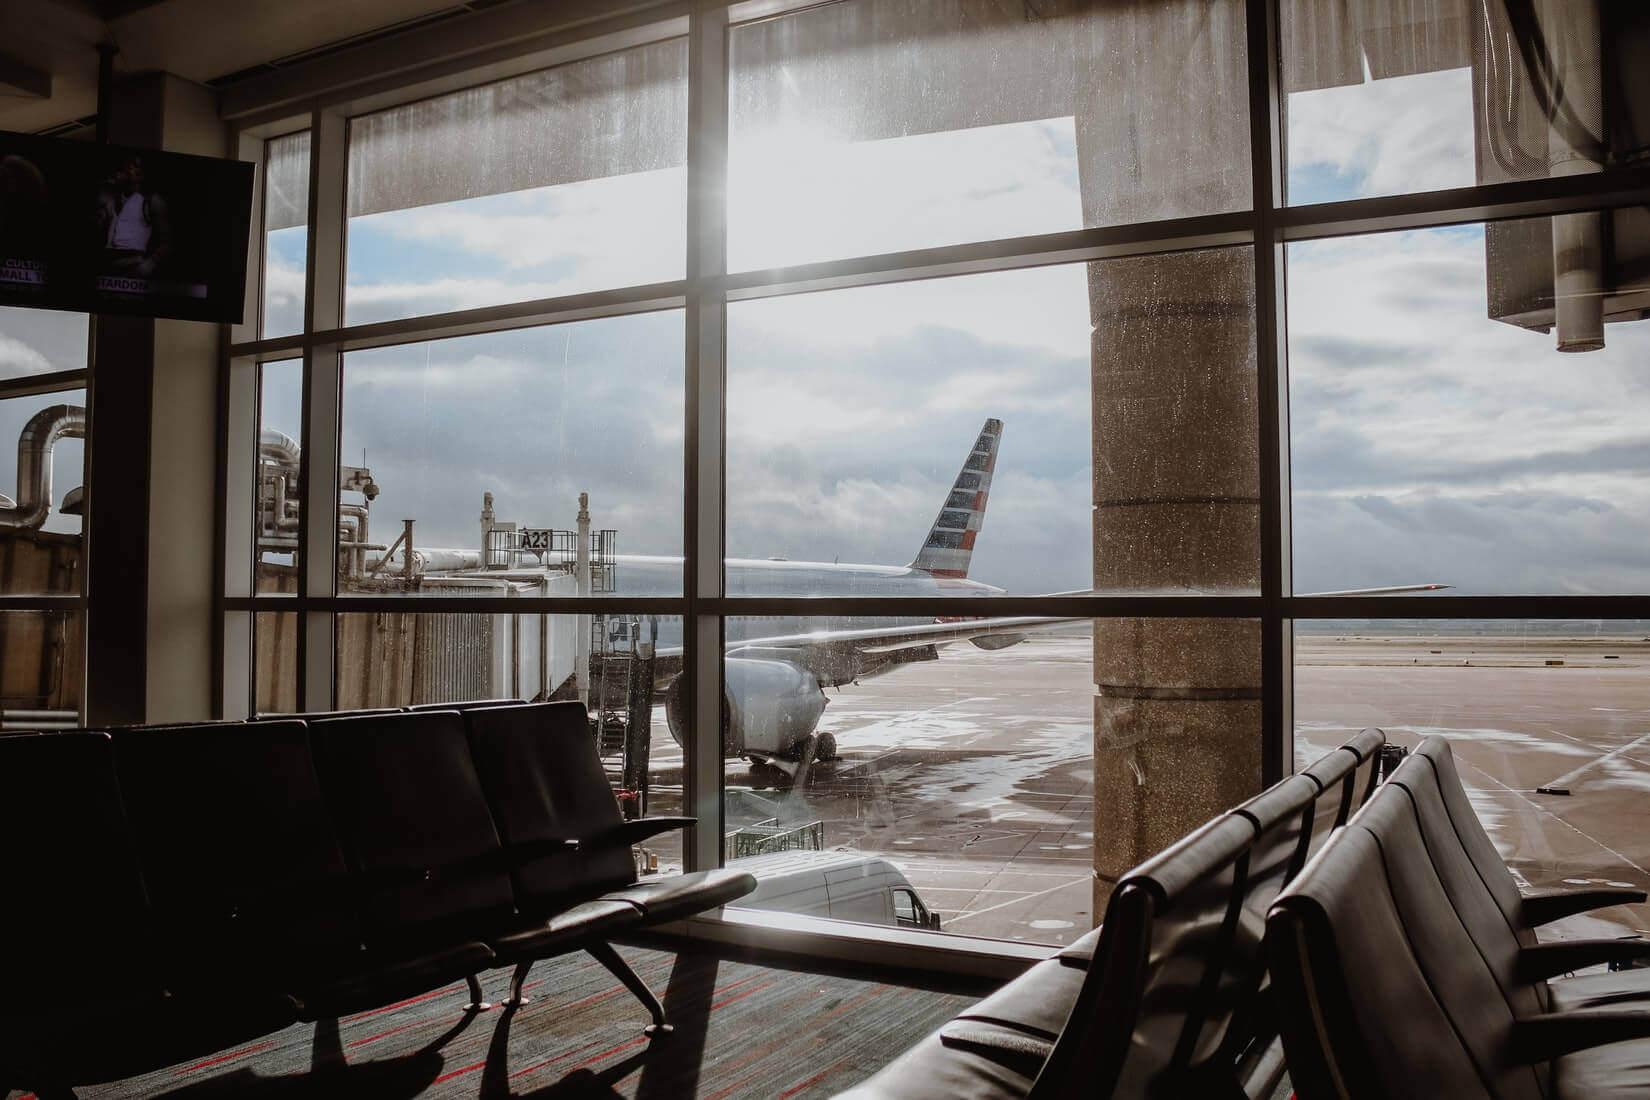 Поясним за новости: «Аэрофлот» снизил цены на международные перелёты